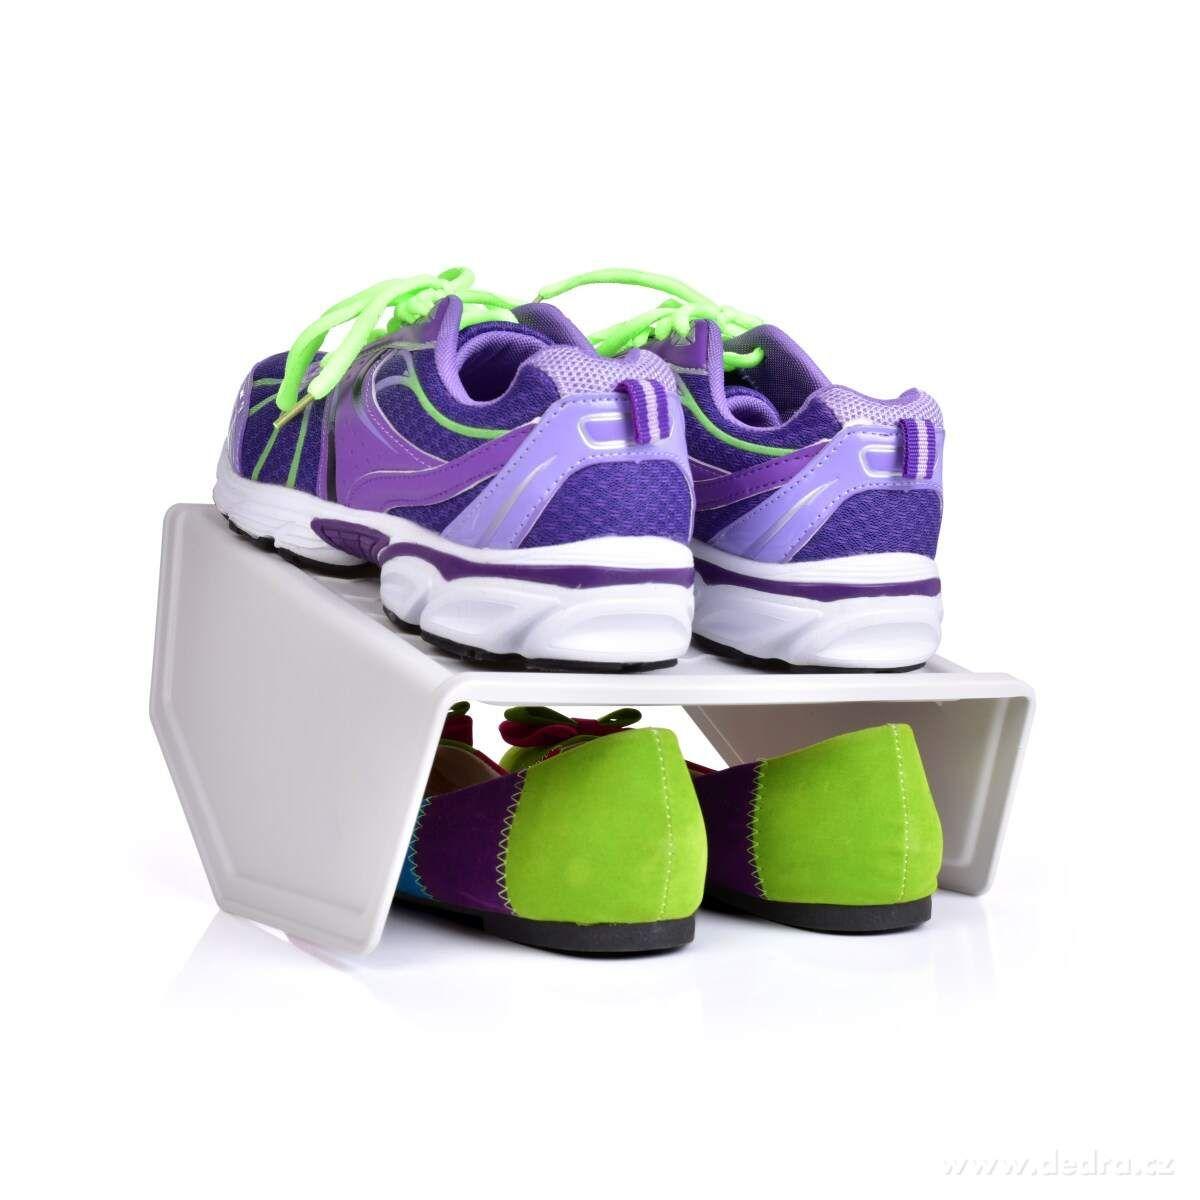 BOTOŠTOS DVOJPÁROVÝ stojan na obuv z kvalitného odolného plastu